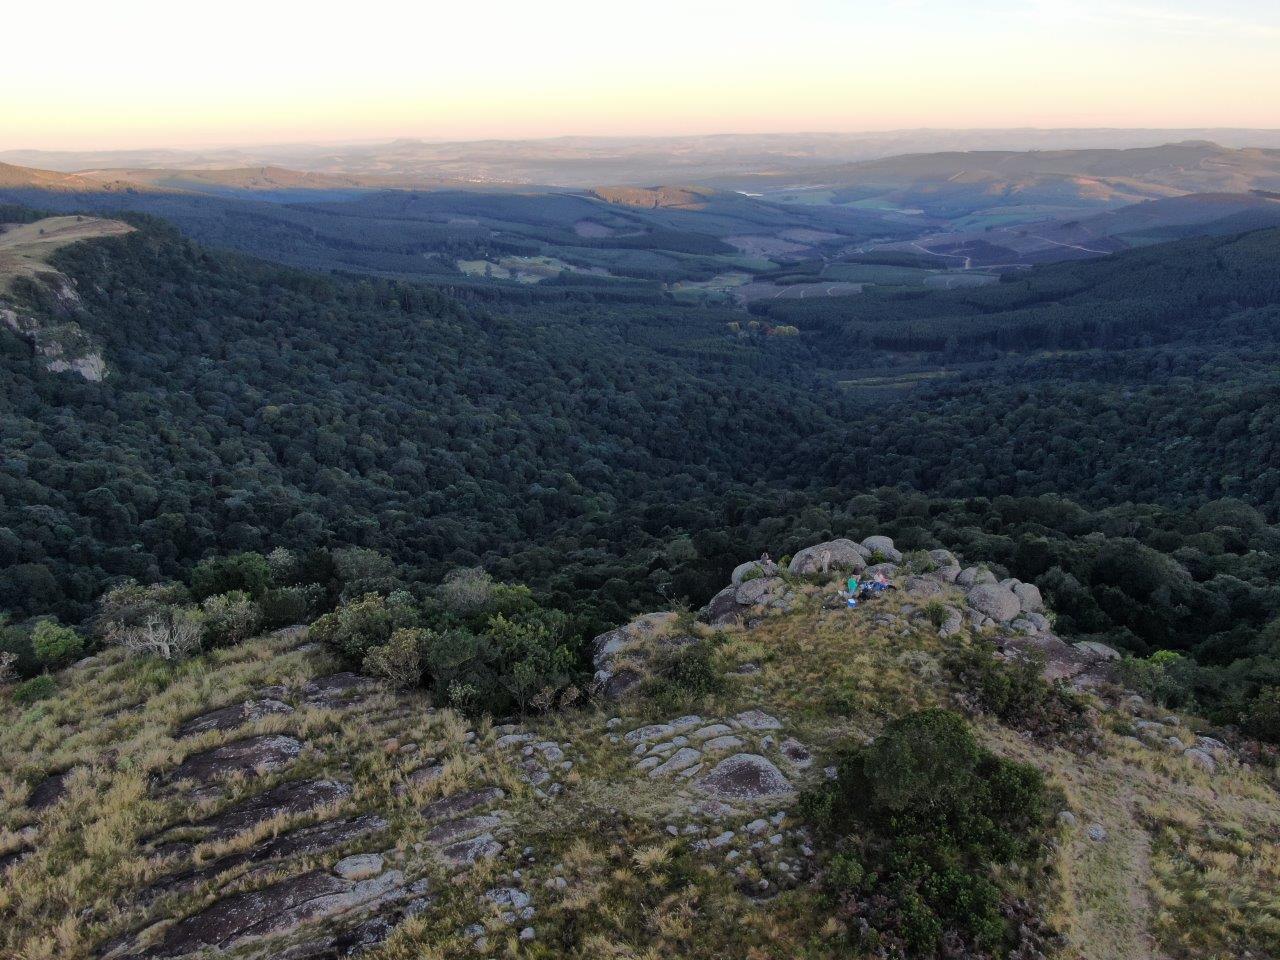 Enon Mistbelt indigenous forest - Lance Bartlett